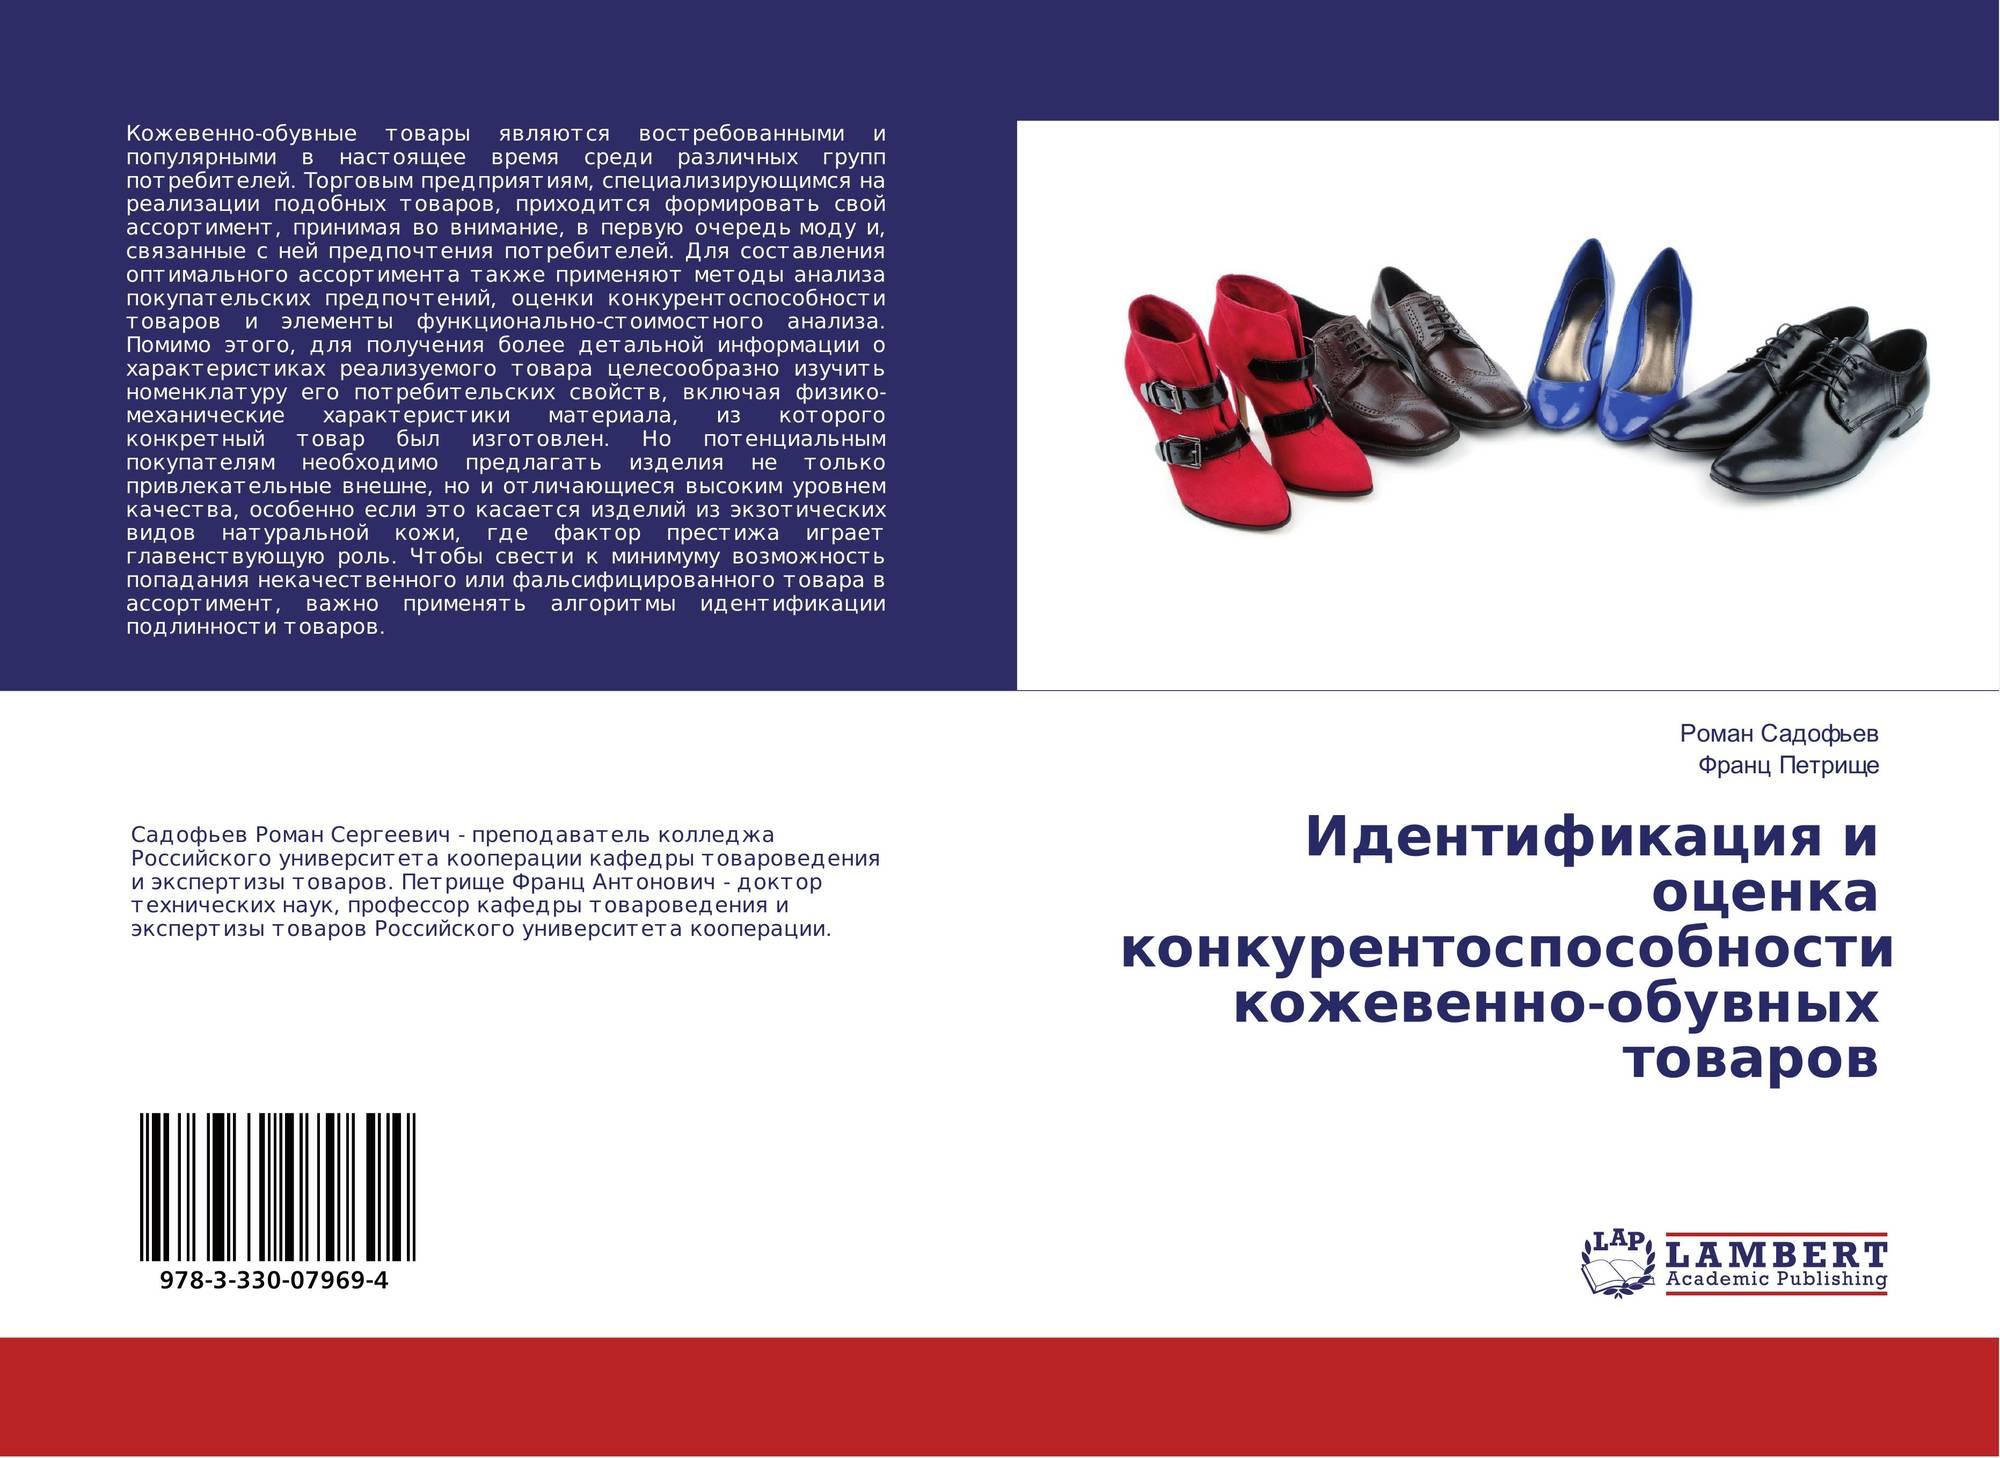 Экспертиза кожевенно обувных товаров